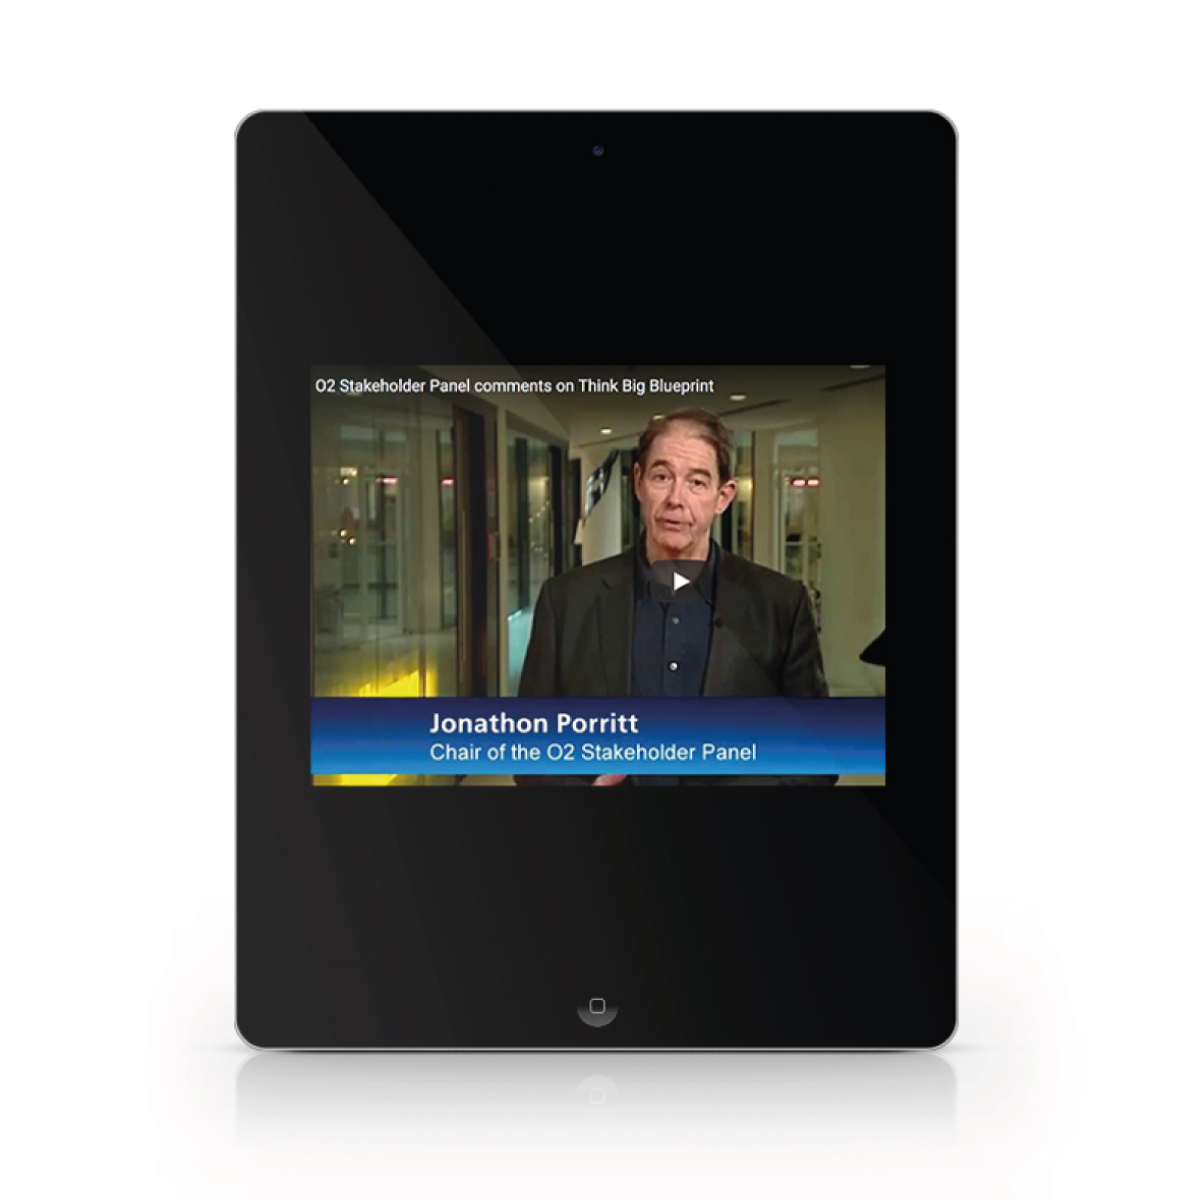 02 Telefonica Stakeholder Panel Advisor video